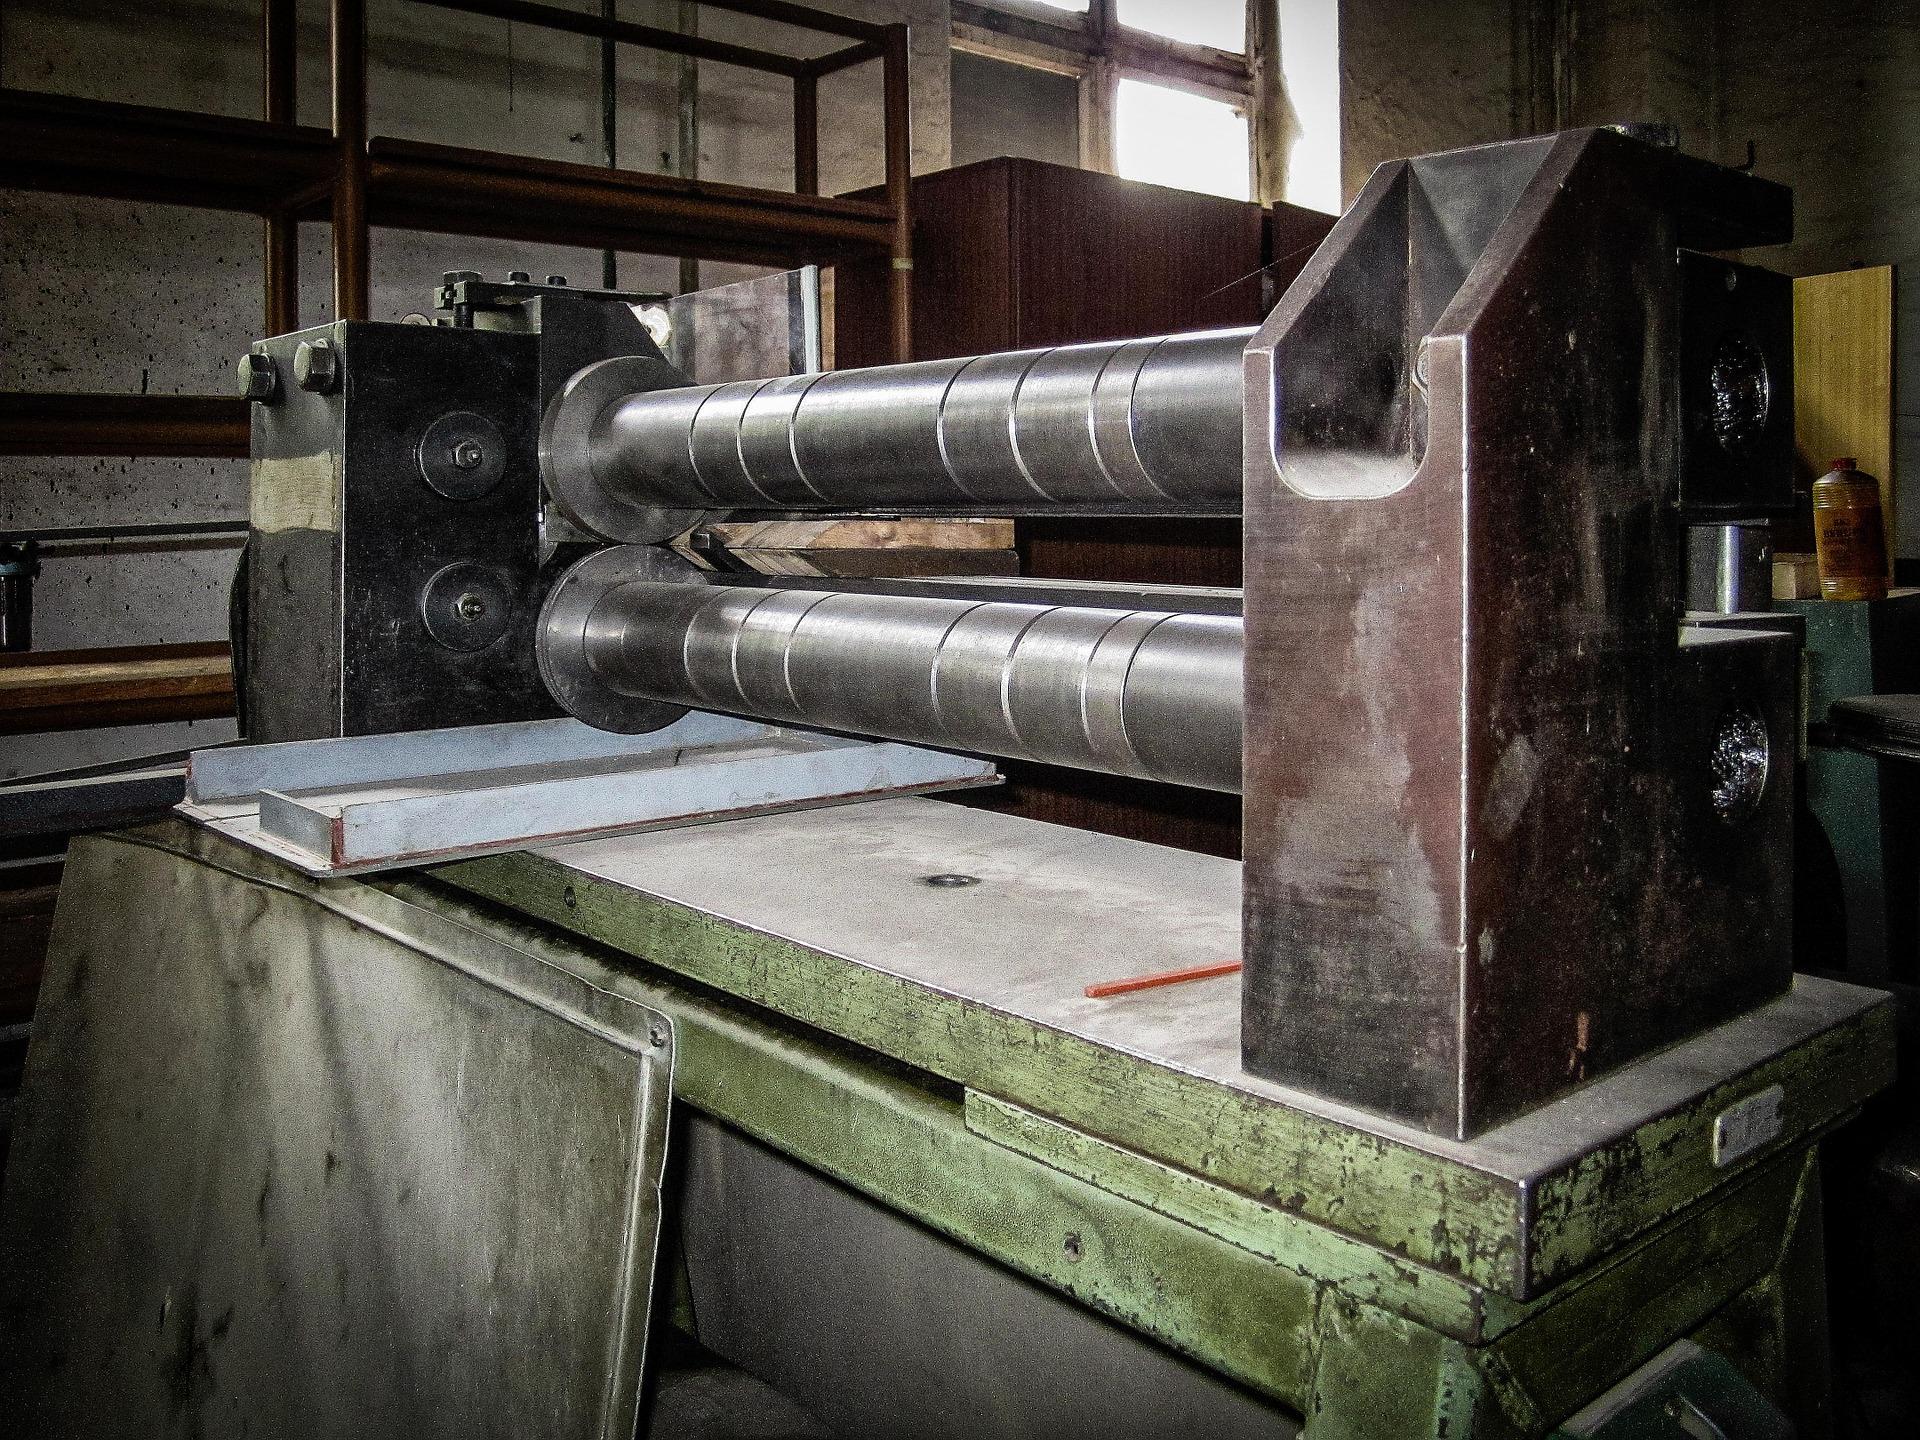 machine-709588_1920.jpg